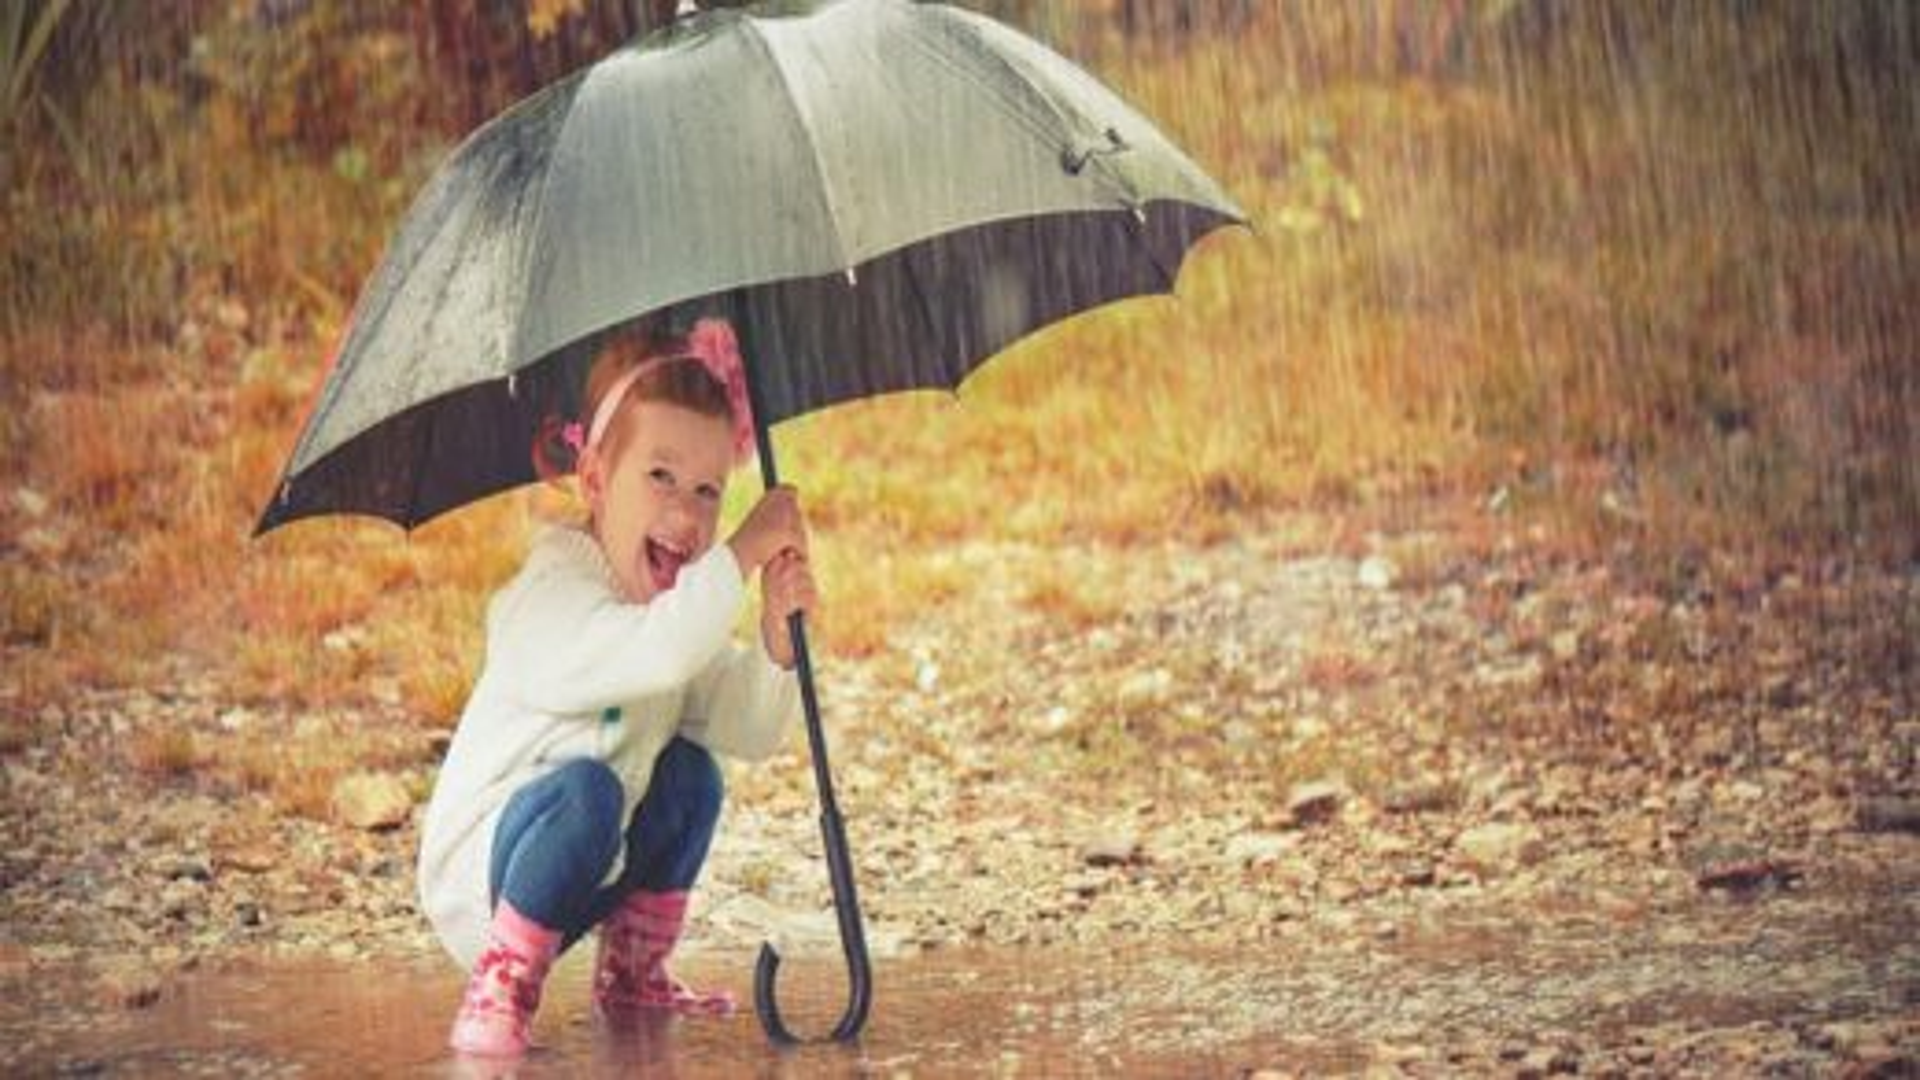 کودک زیر باران | تگ